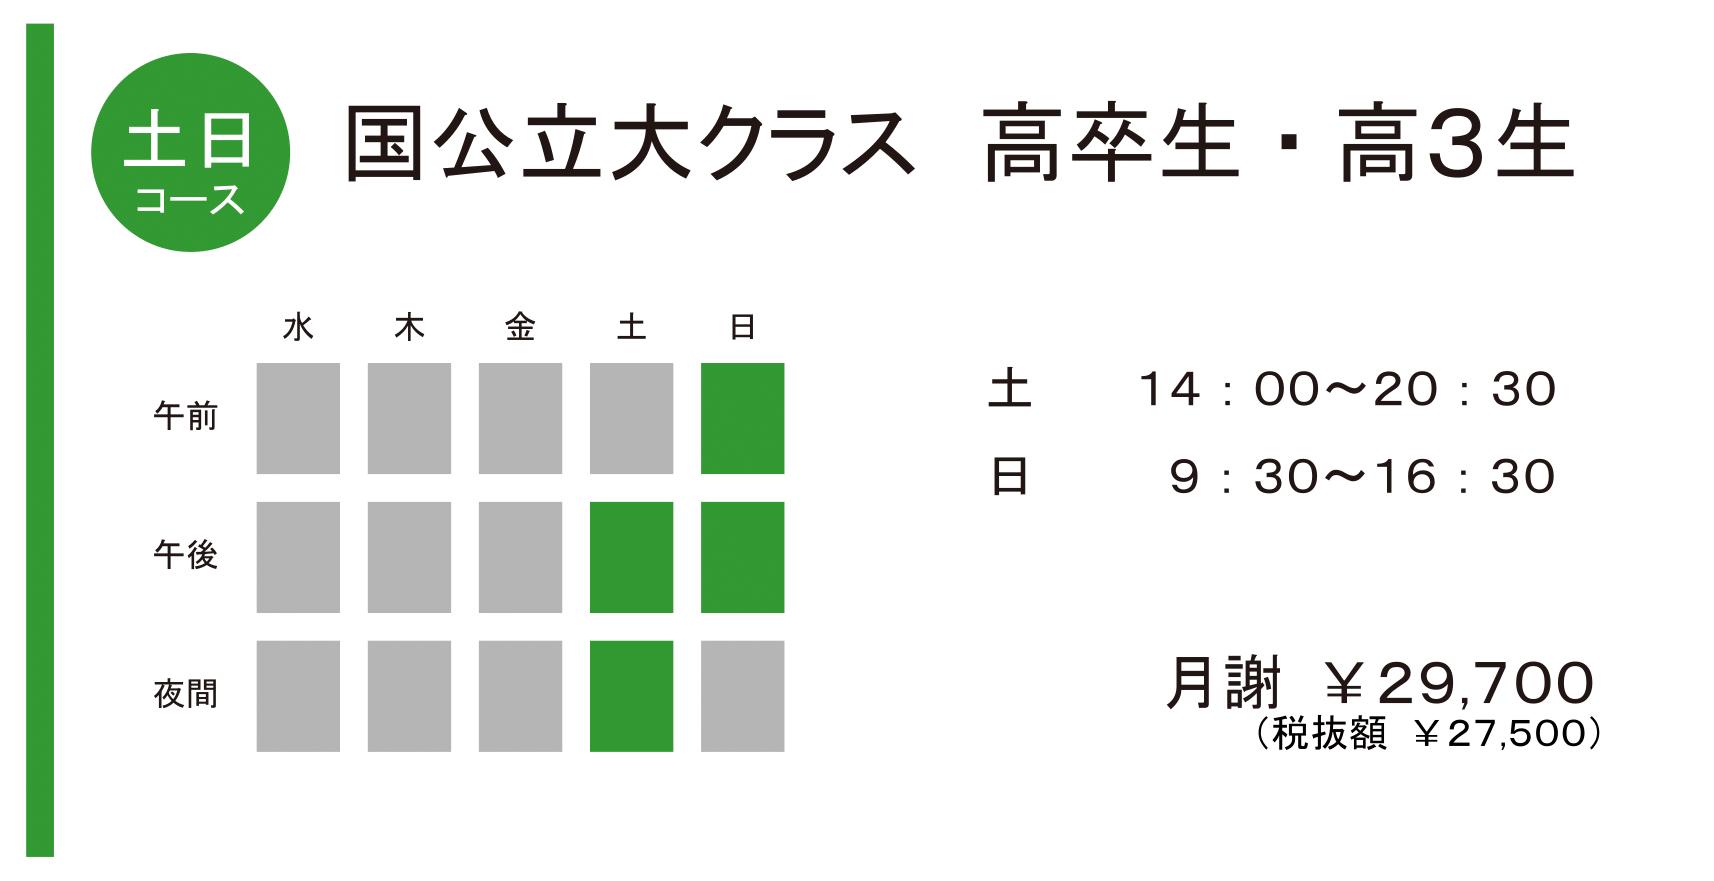 国公立大クラス 高卒生・高3生 土日コース